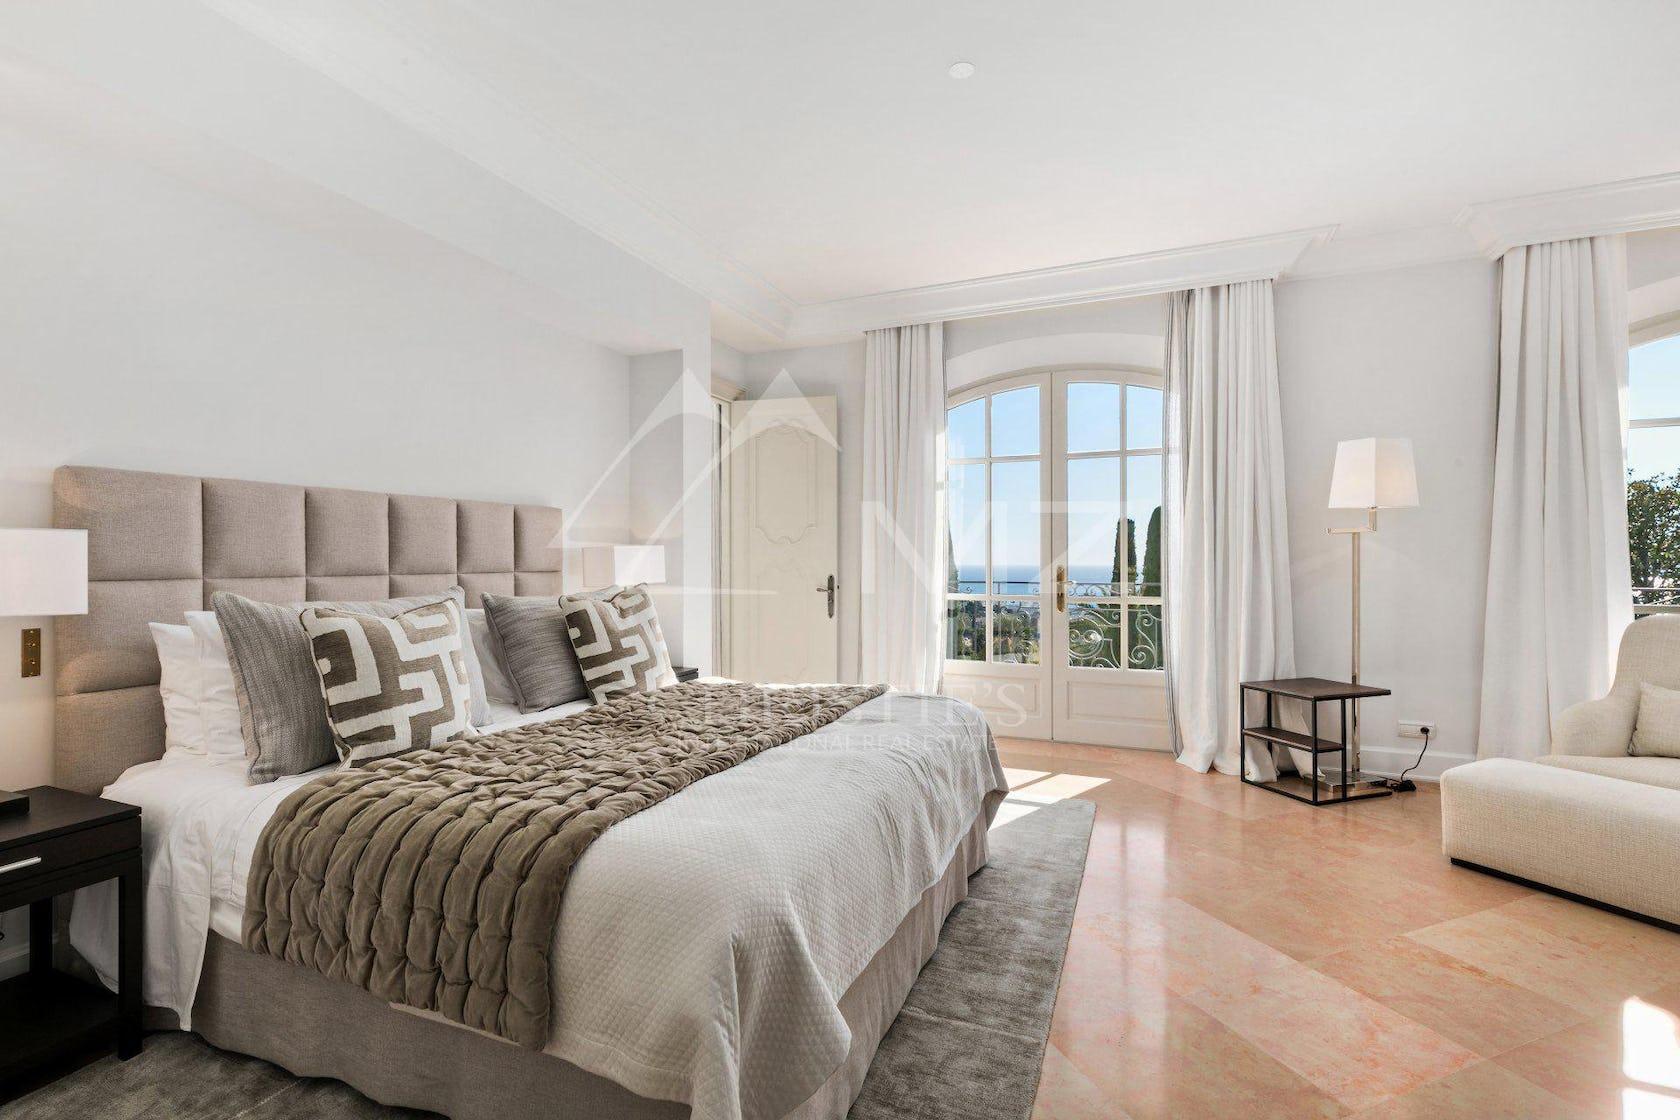 interior design indoors bedroom room furniture flooring floor bed wood